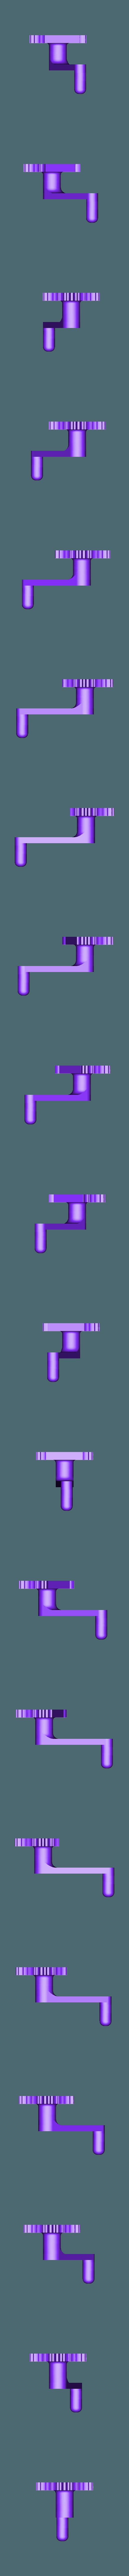 Crank_Pinion.stl Télécharger fichier STL gratuit Lincoln's Revenge - Tireur d'élite à tir rapide • Plan pour imprimante 3D, ericcherry